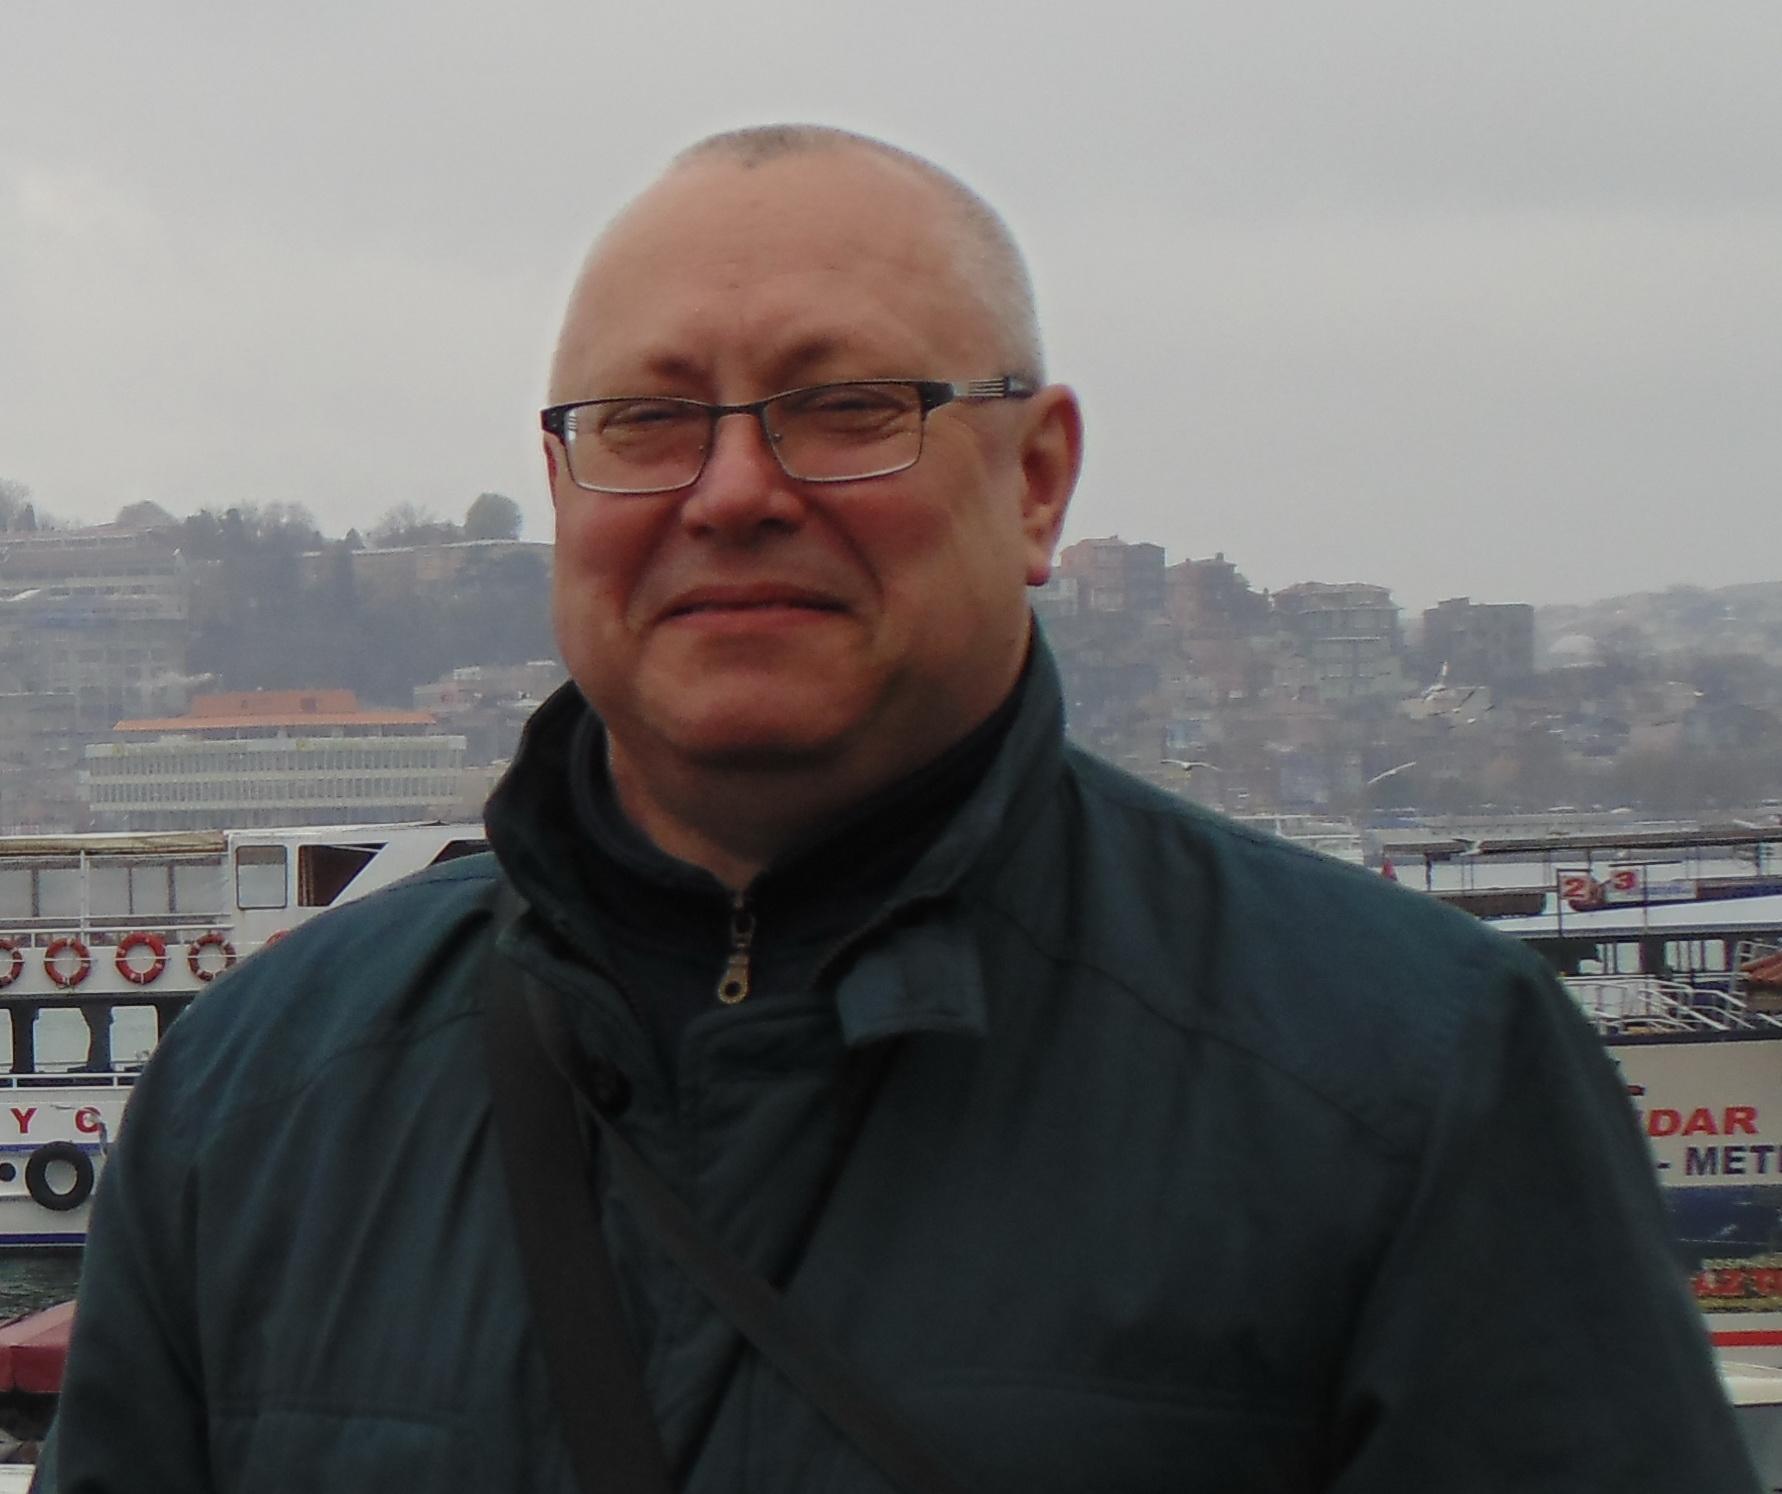 Доцент кафедры статистики РЭУ им. Г.В. Плеханова Сергей Голодов